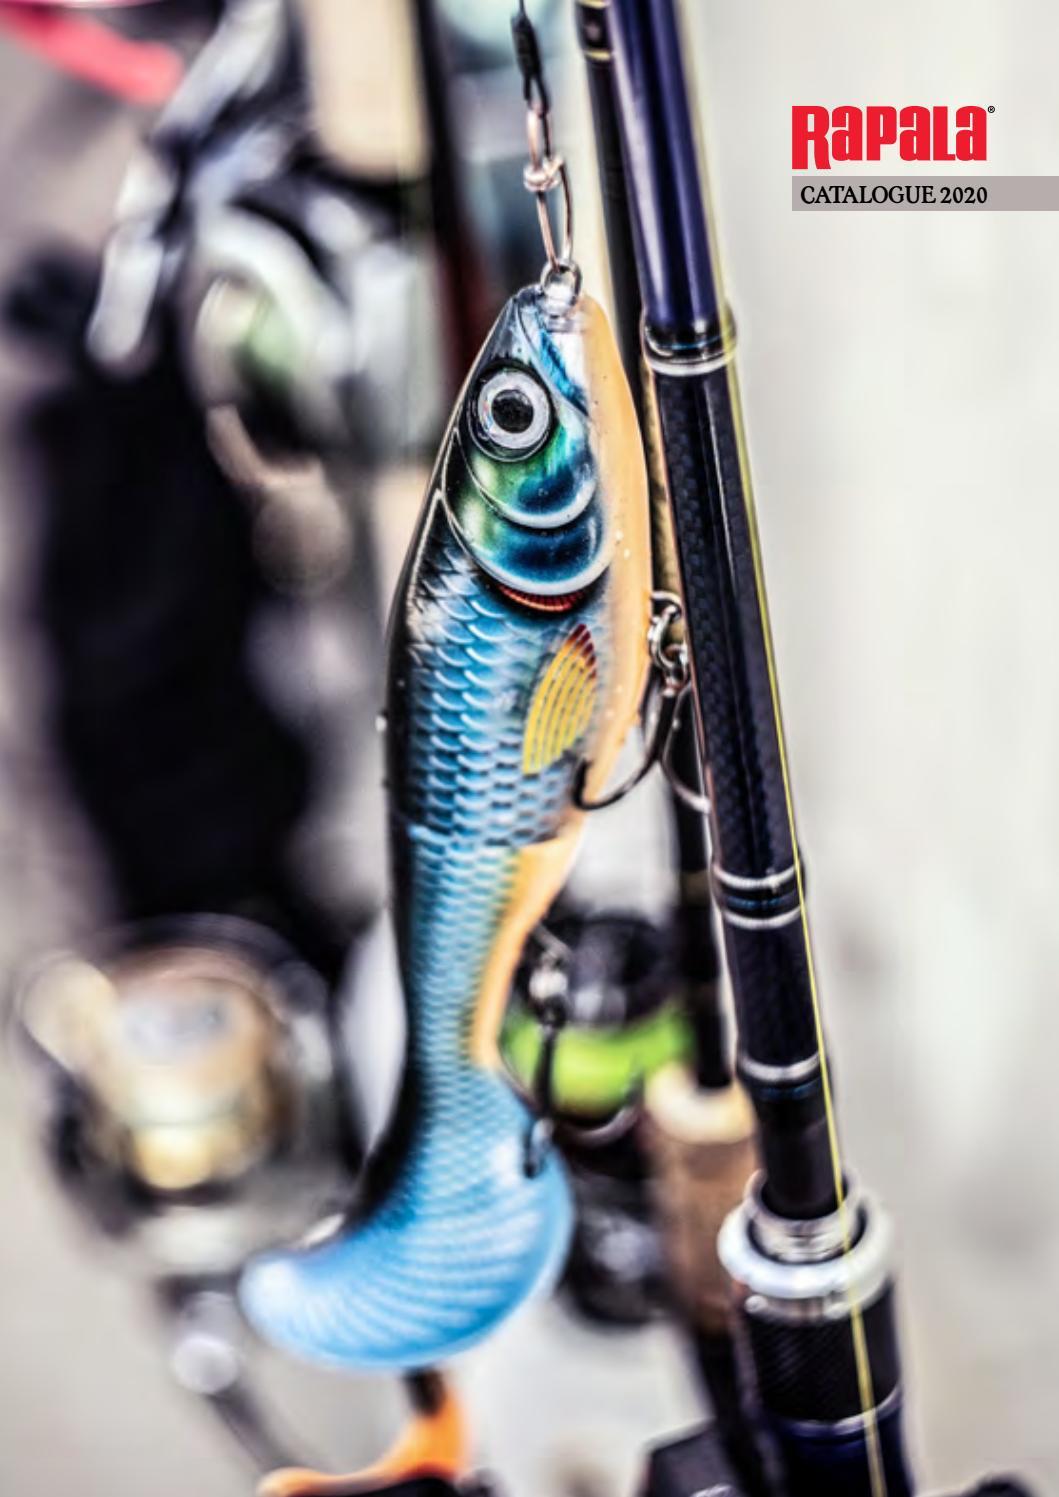 flottant coloris Silver saumons Rapala un leurre flottant eau douce id/éal pour les truites perches 13cm // 46g sandres et brochets X-Rap Jointed Shad